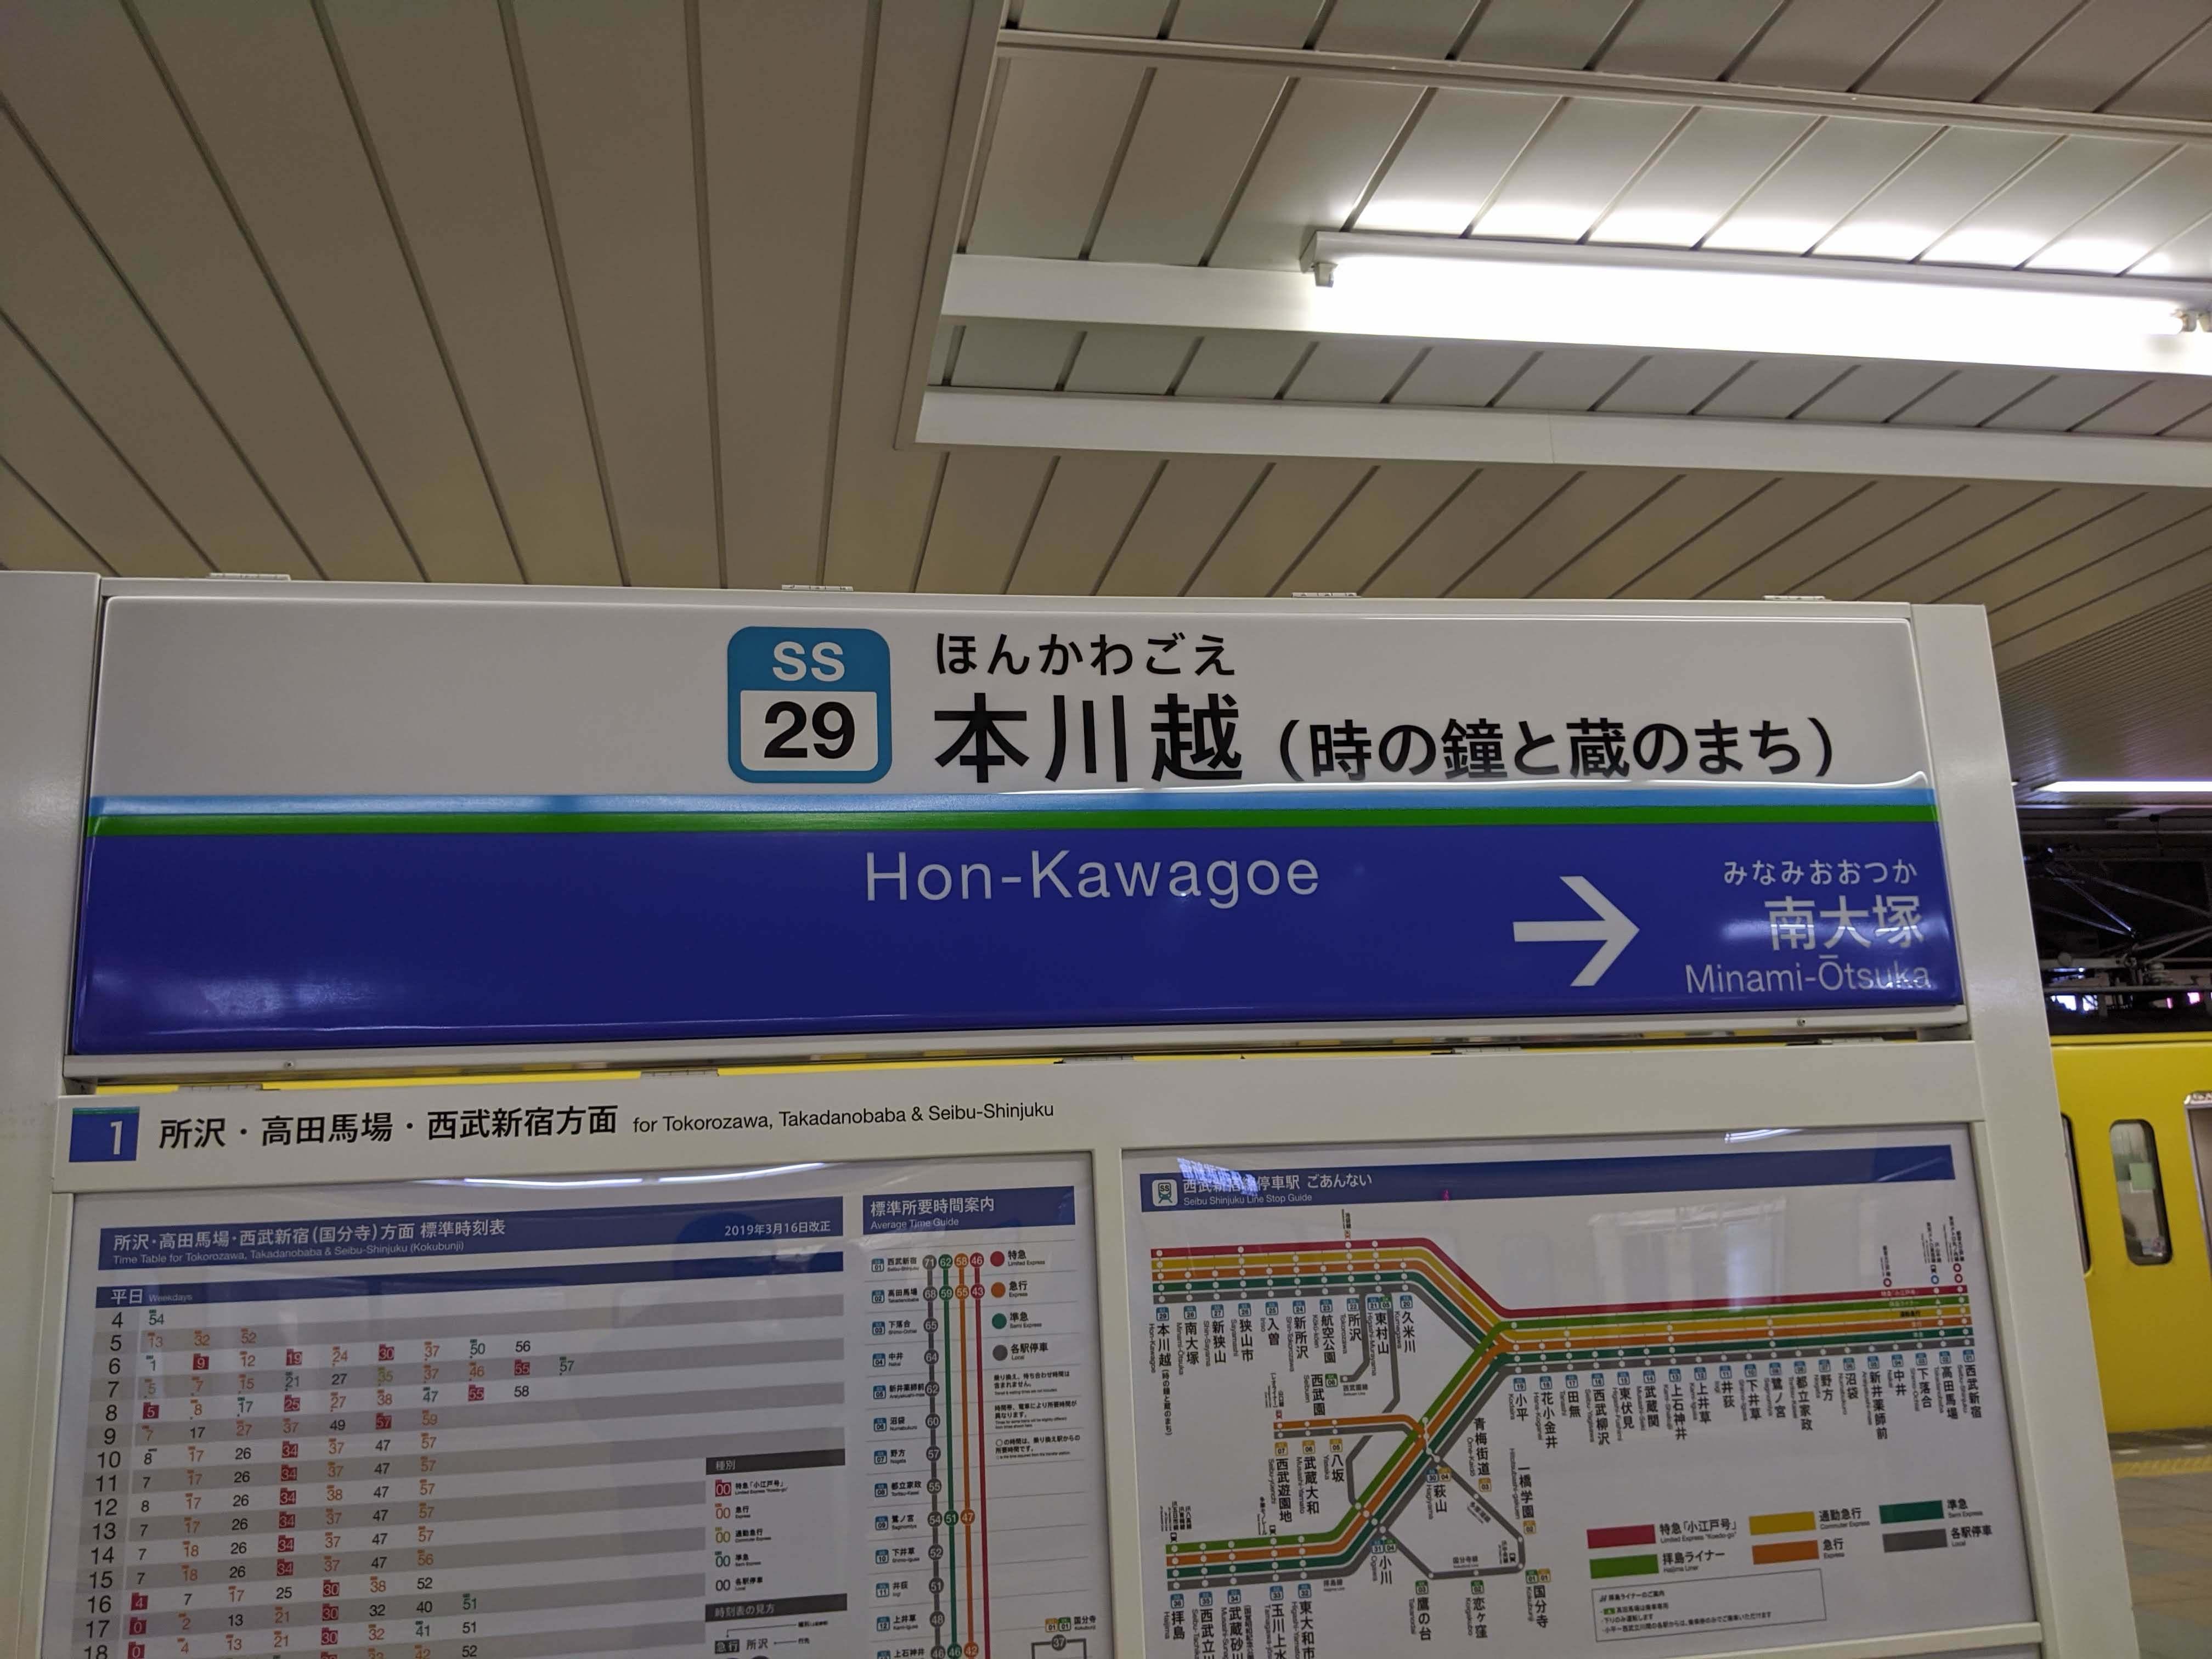 西武鉄道一日乗車券の旅【後編】_a0329563_16202588.jpg